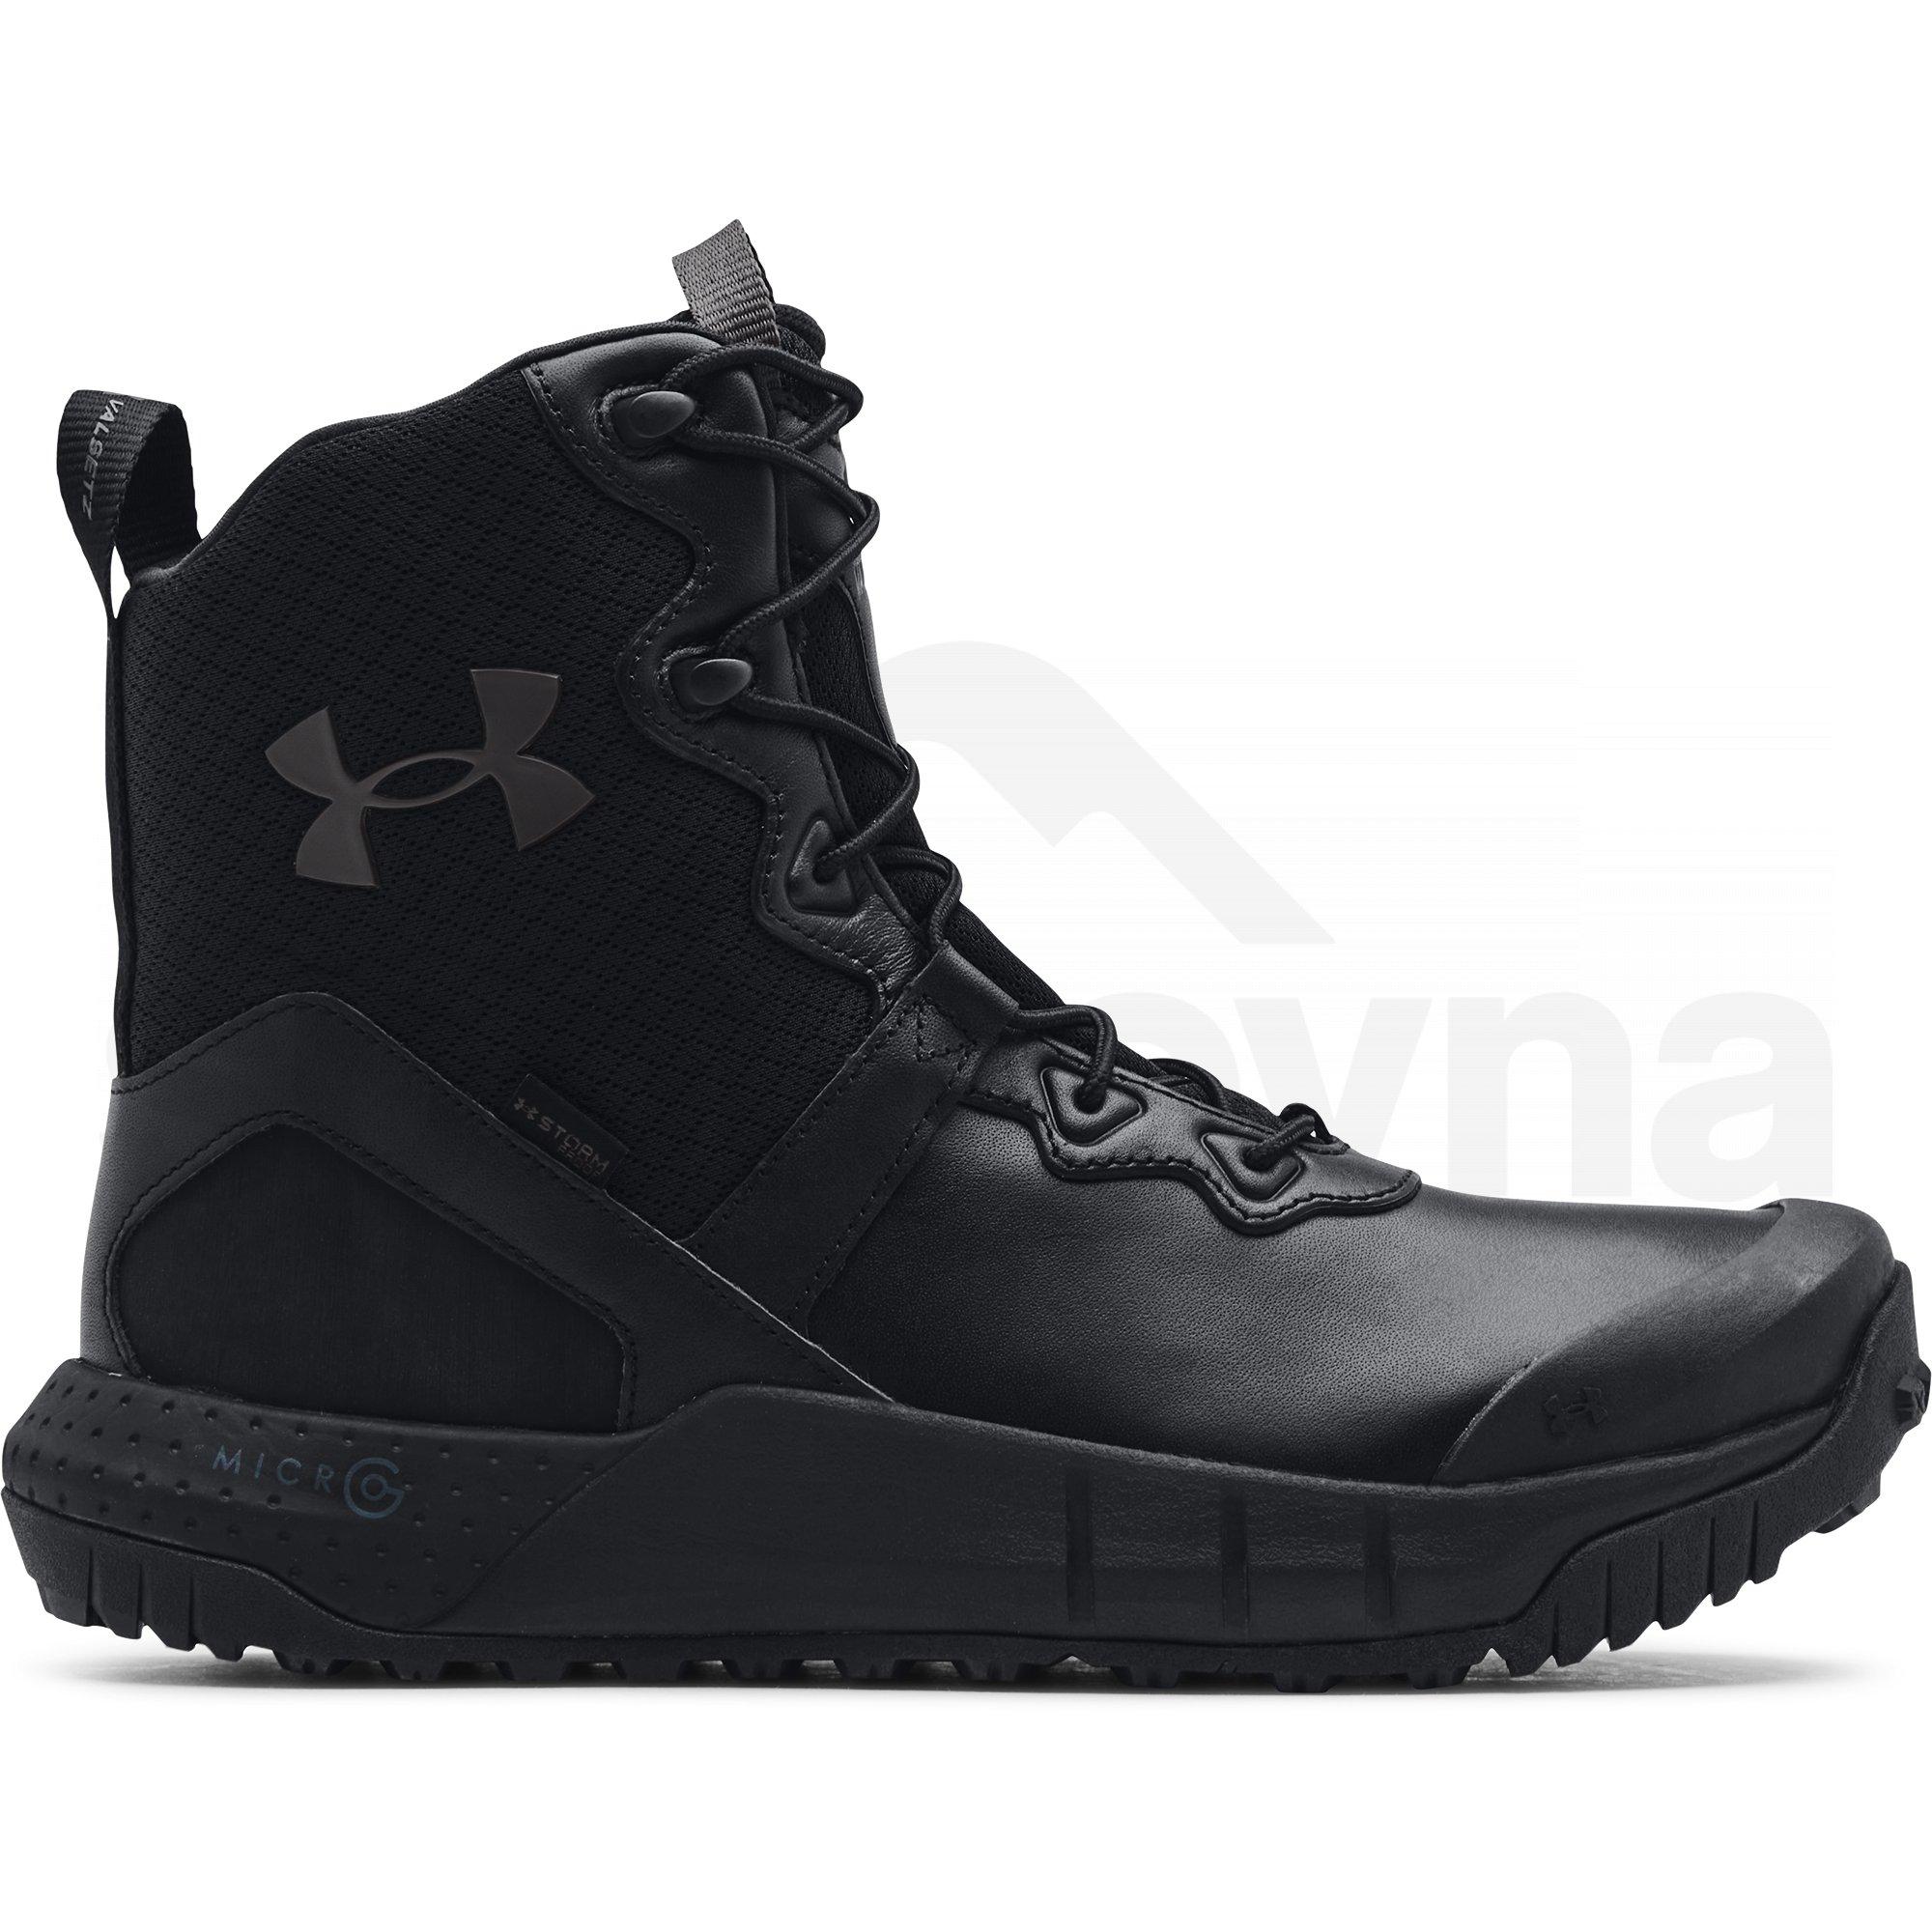 3024266-001_Under Armour MG Valsetz LTHR WP